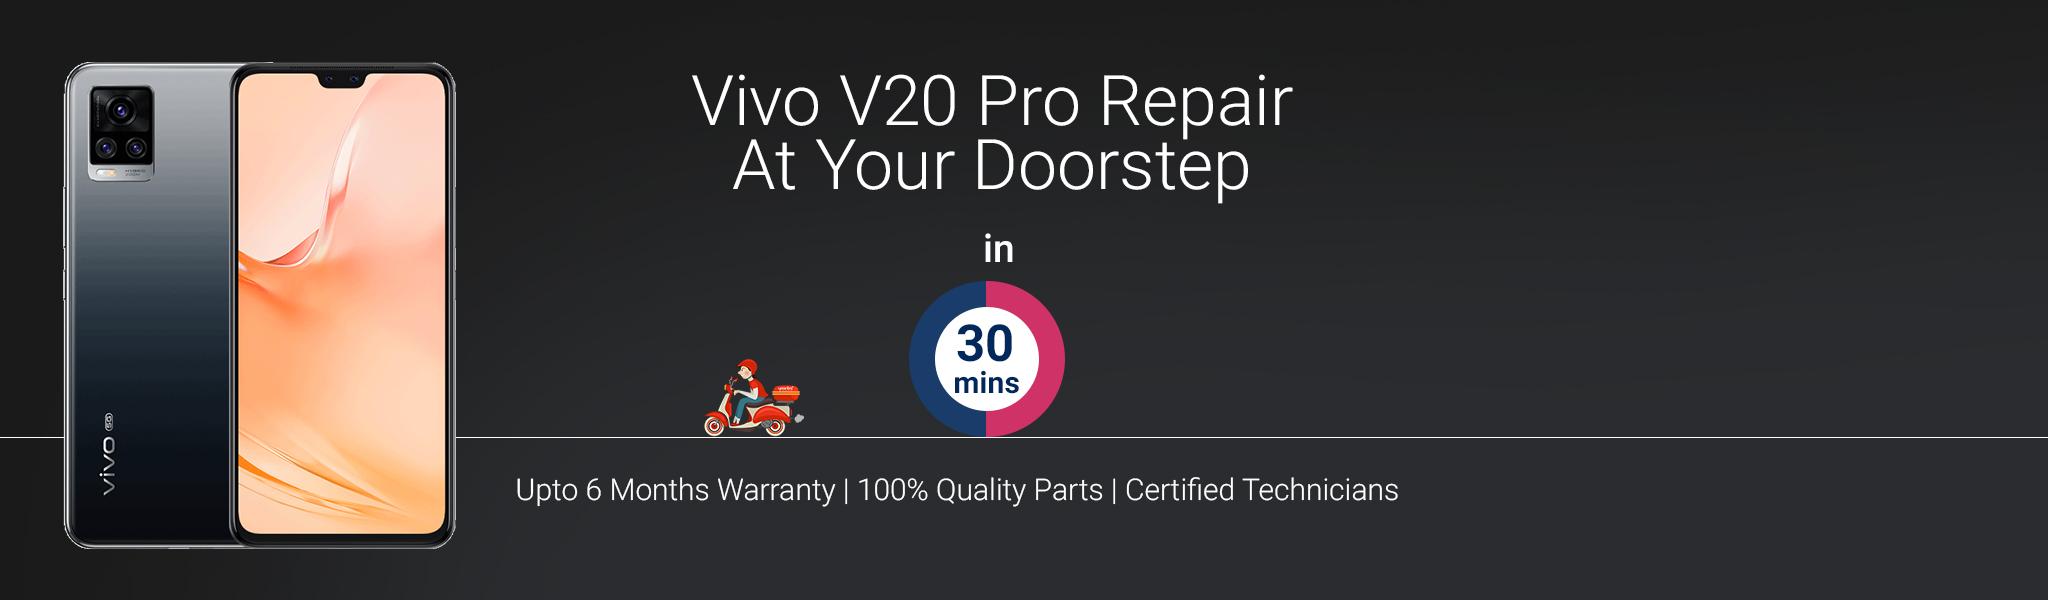 vivo-v20-pro-repair.jpg